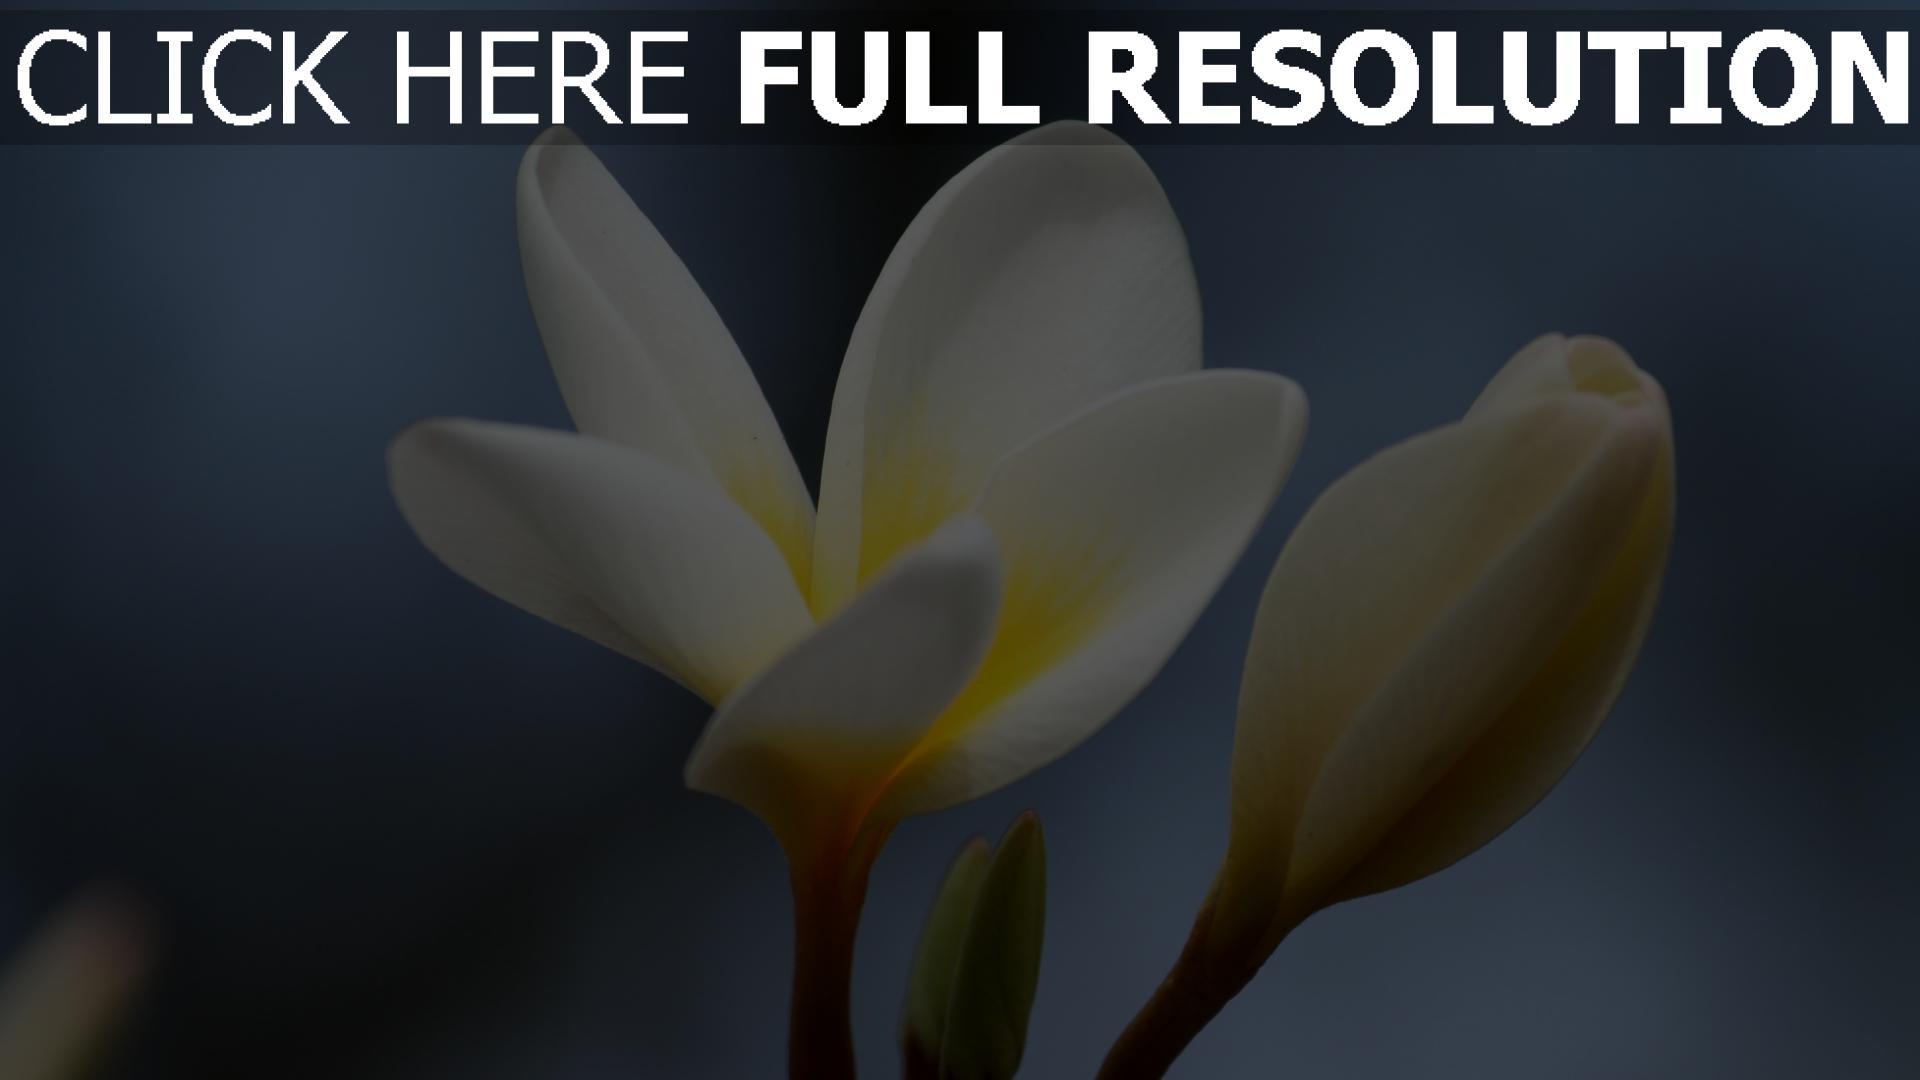 Herunterladen 1920x1080 Full Hd Hintergrundbilder Knospe Nahaufnahme Blume Plumeria 1080p